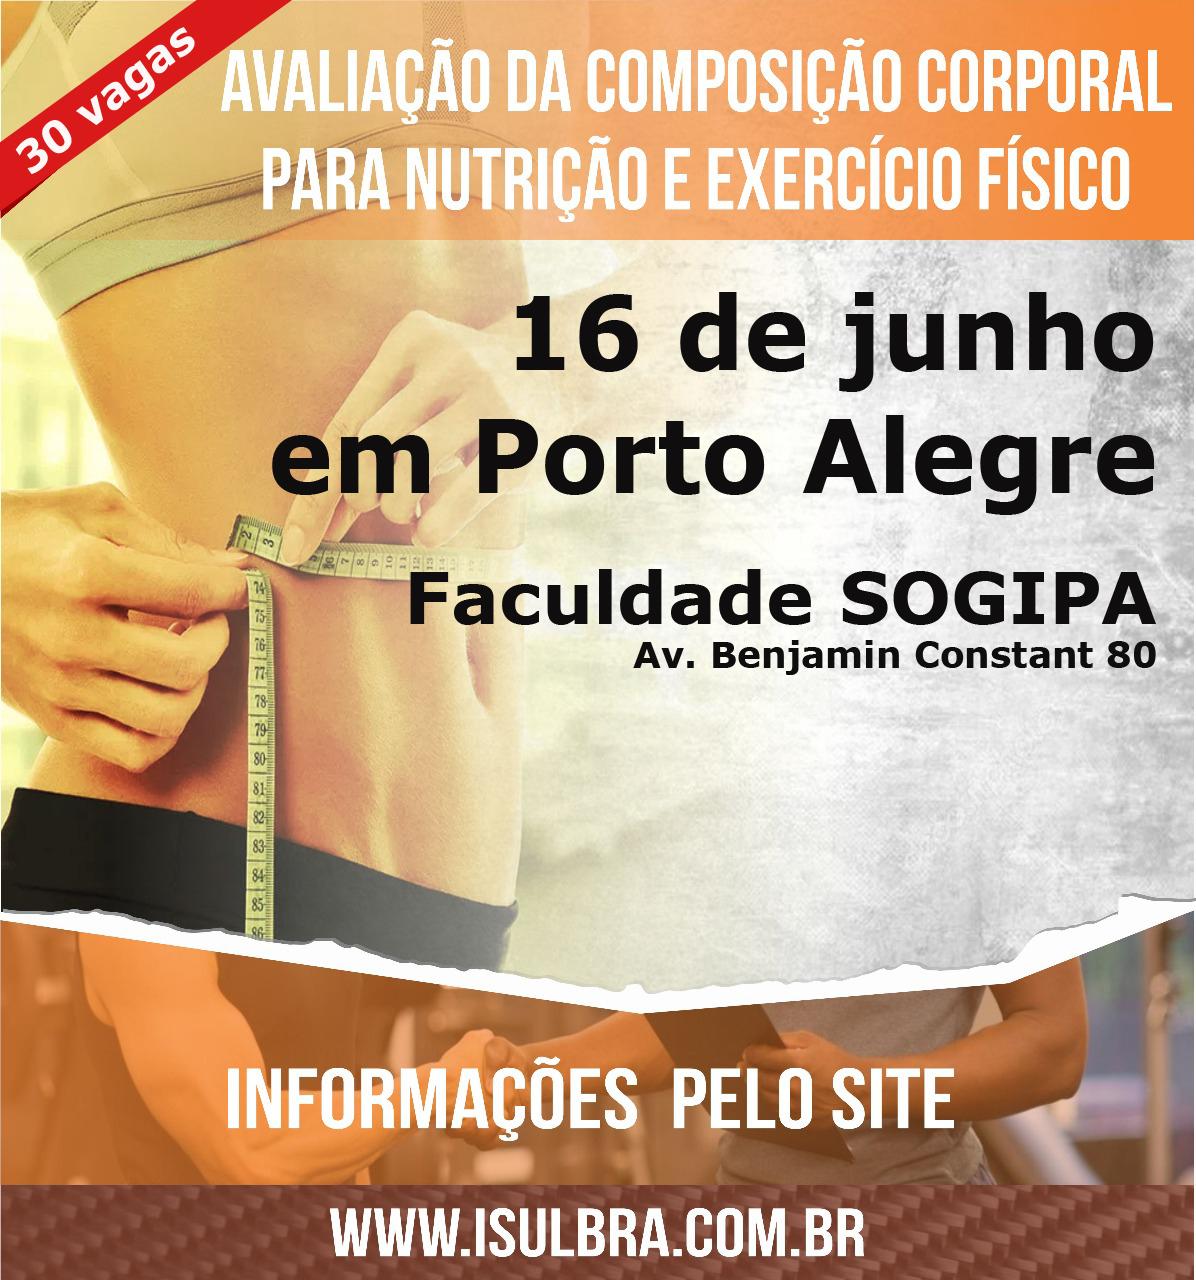 Curso para Curso composição corporal em Porto Alegre